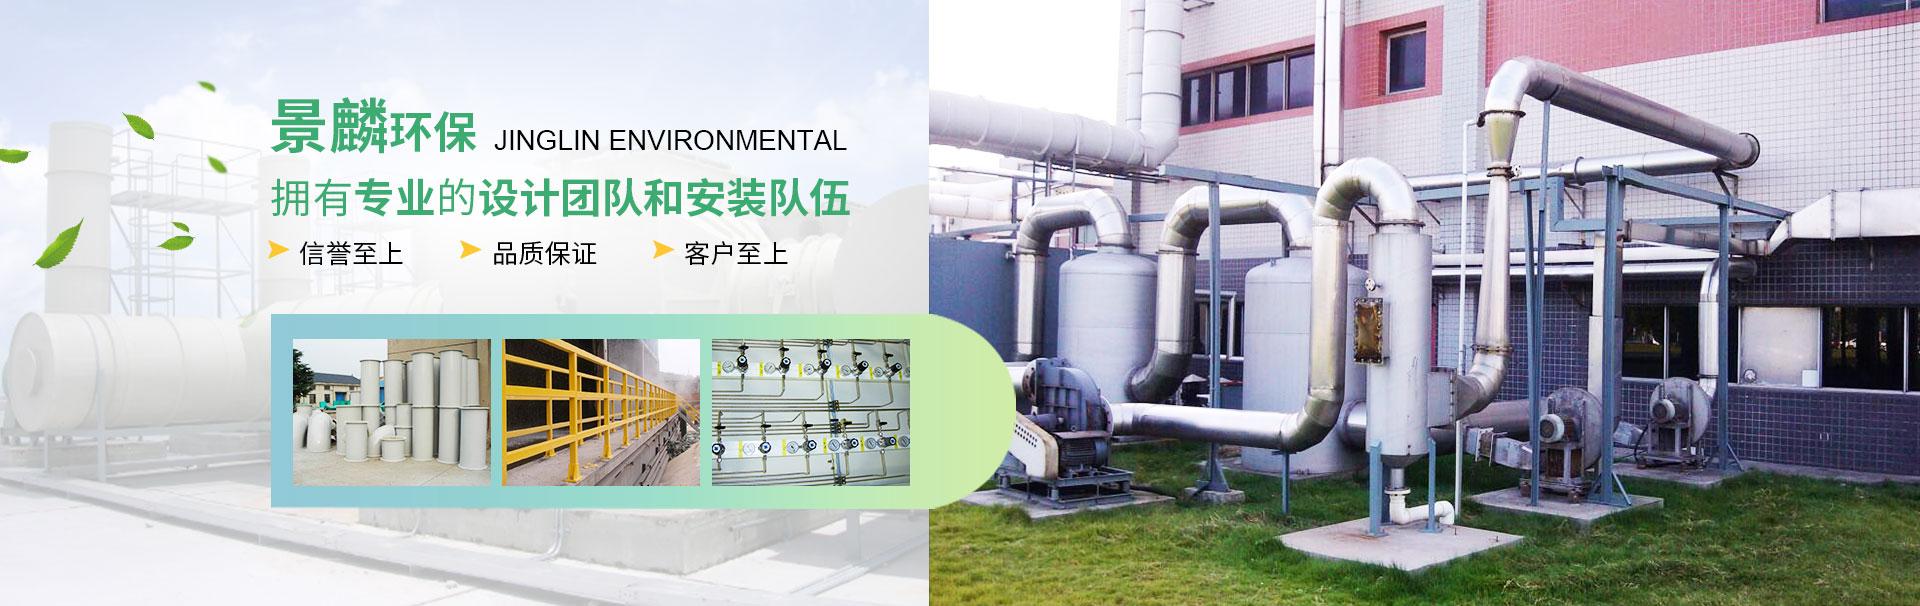 上海景麟环保科技有限公司